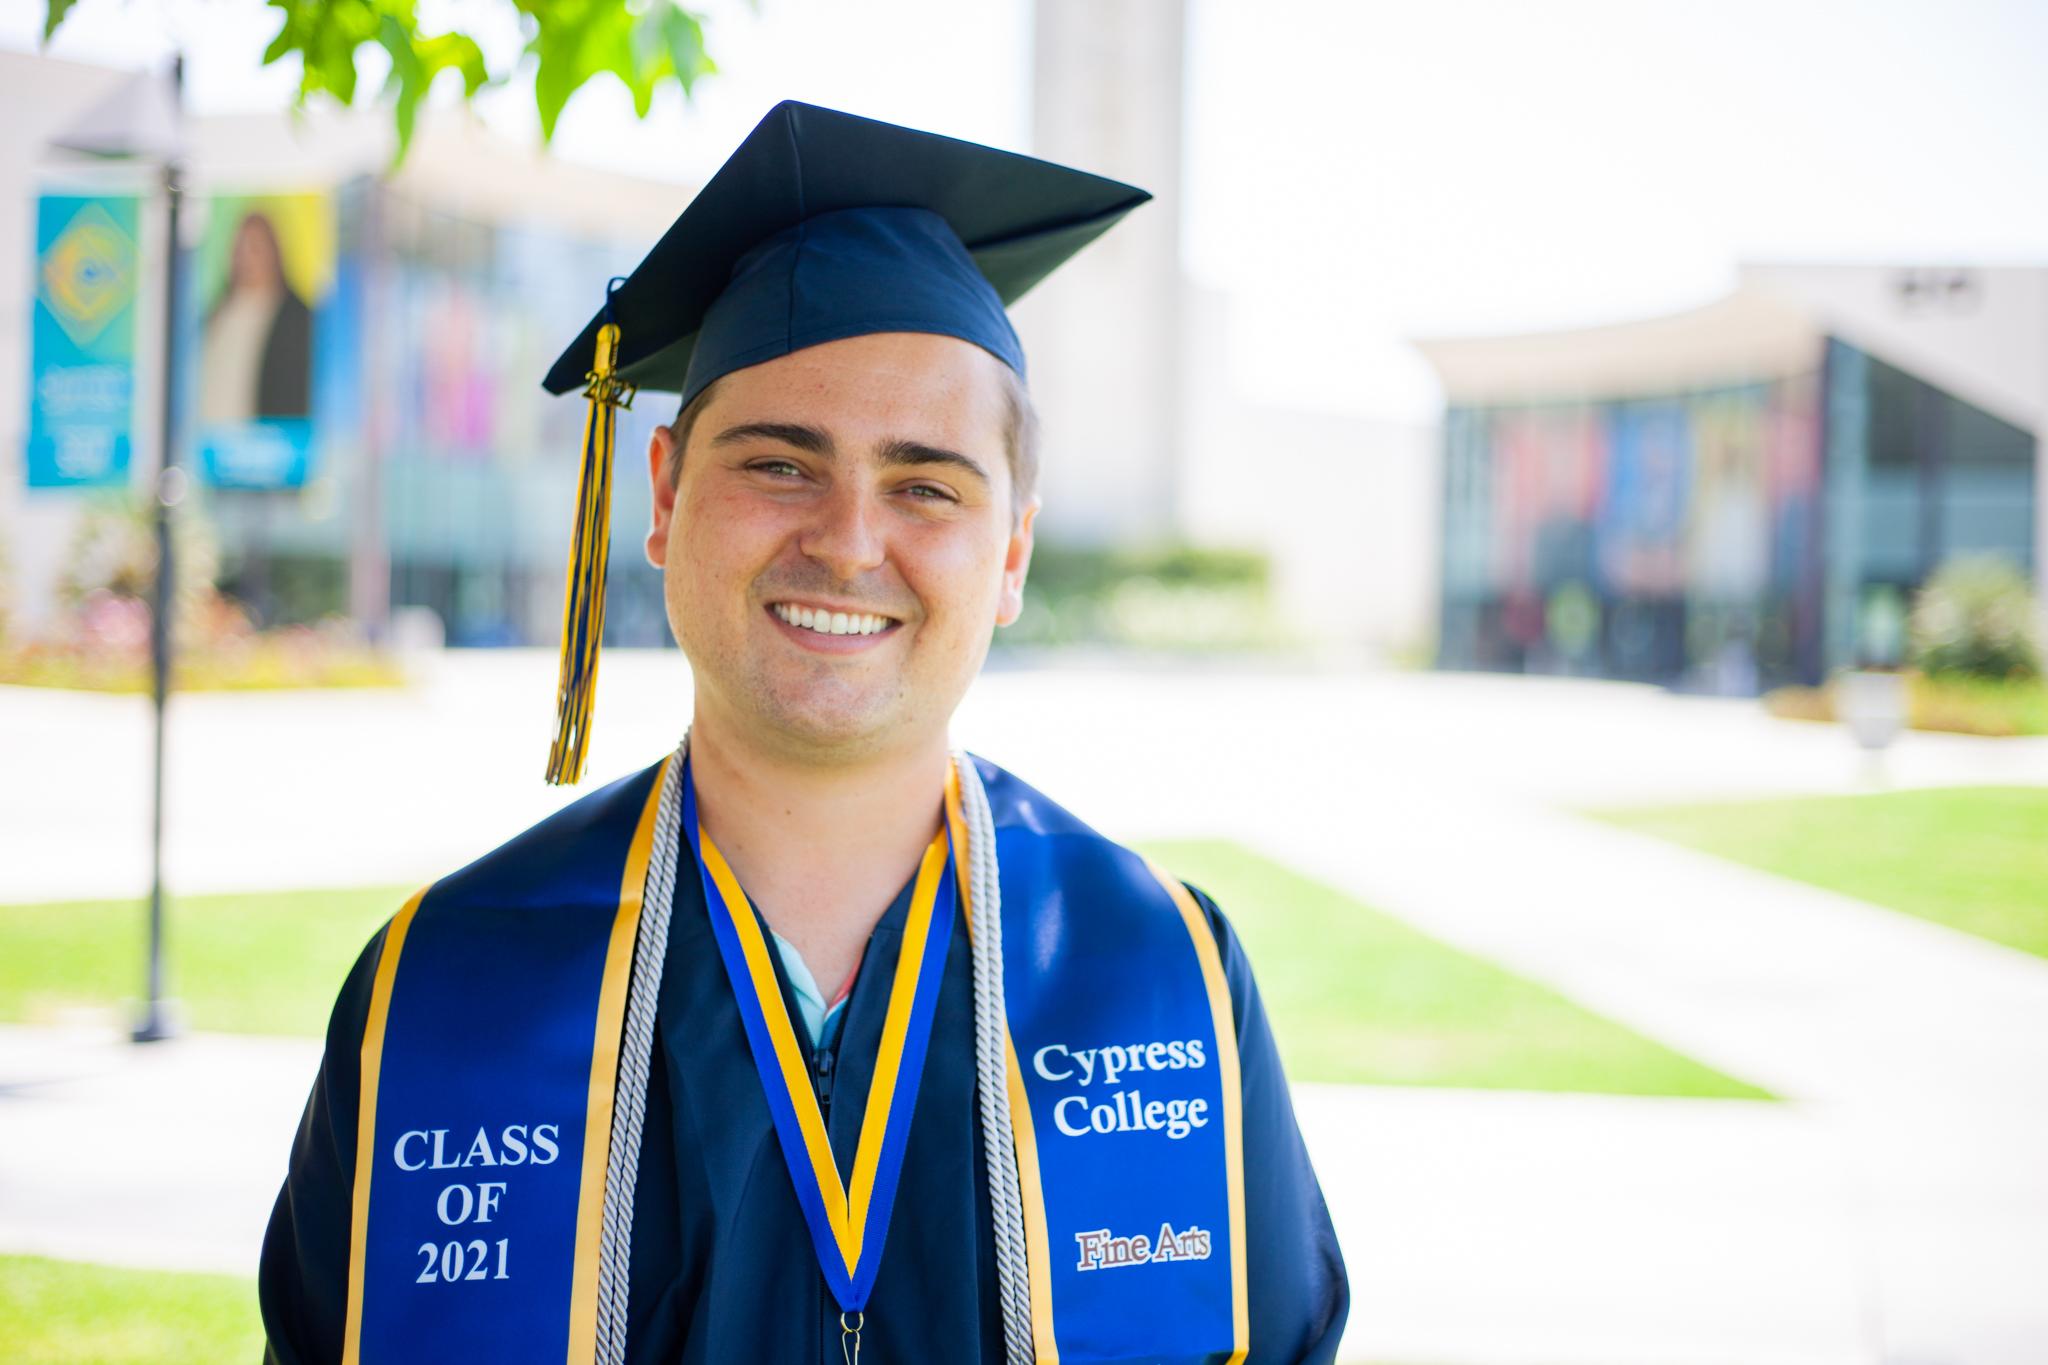 Film student Paul Scott poses in front of the campanile in graduation regalia.